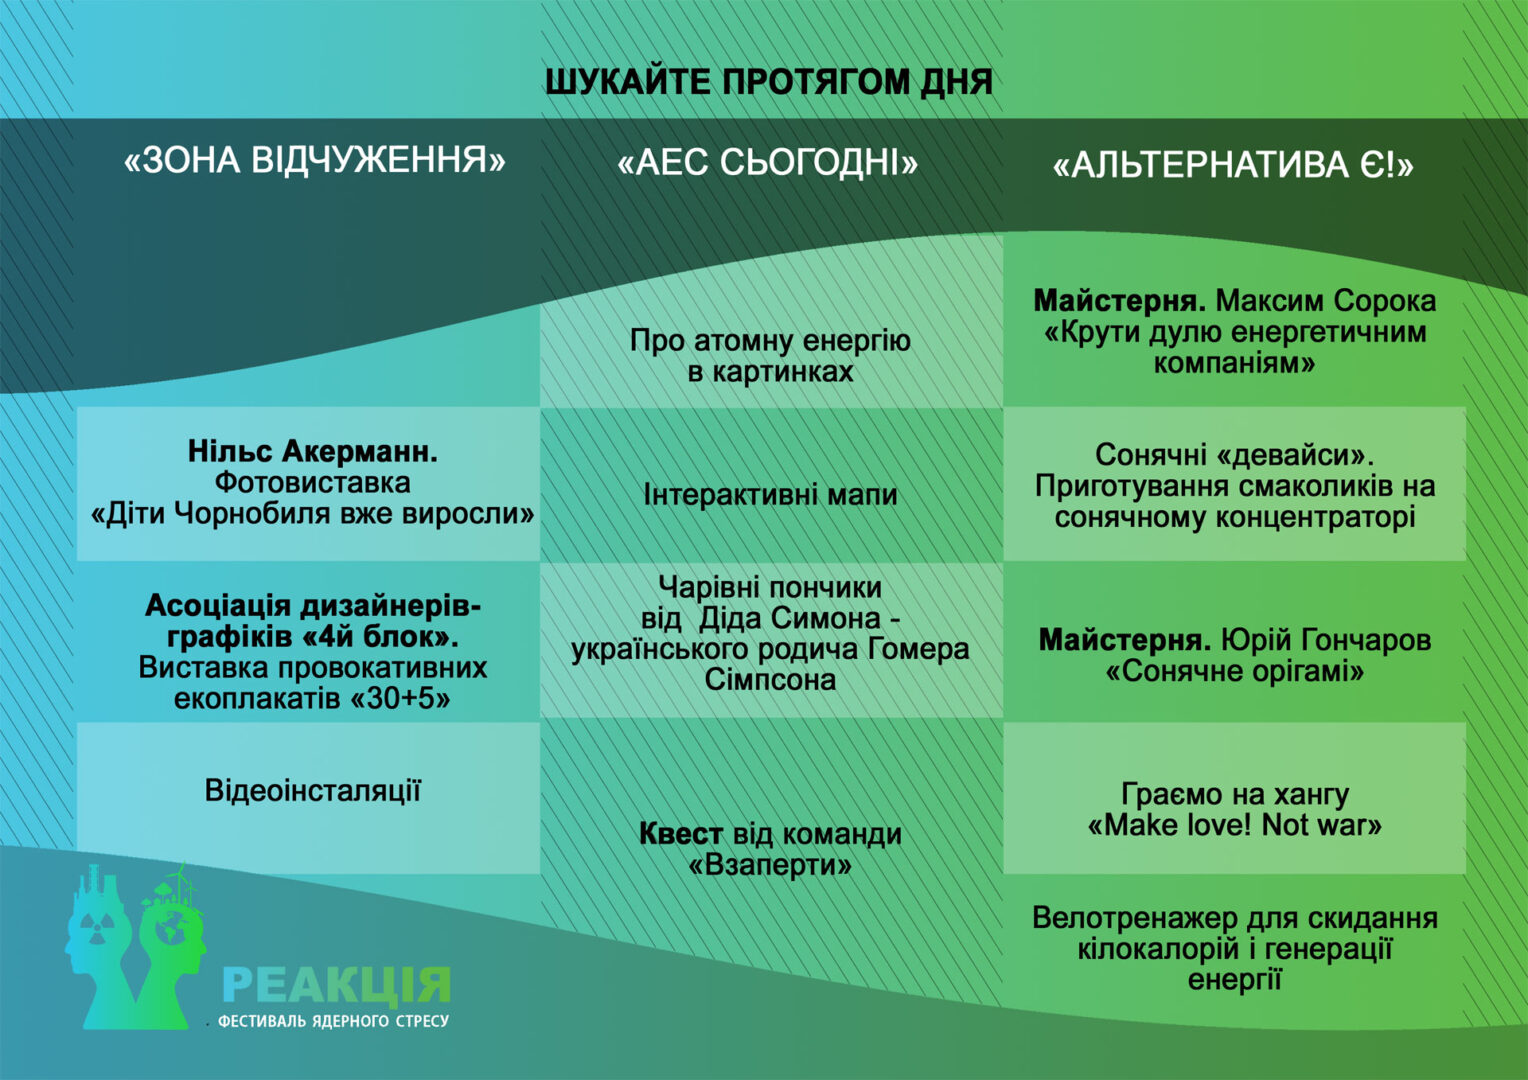 Програма фестивалю ядерного стресу Реакція